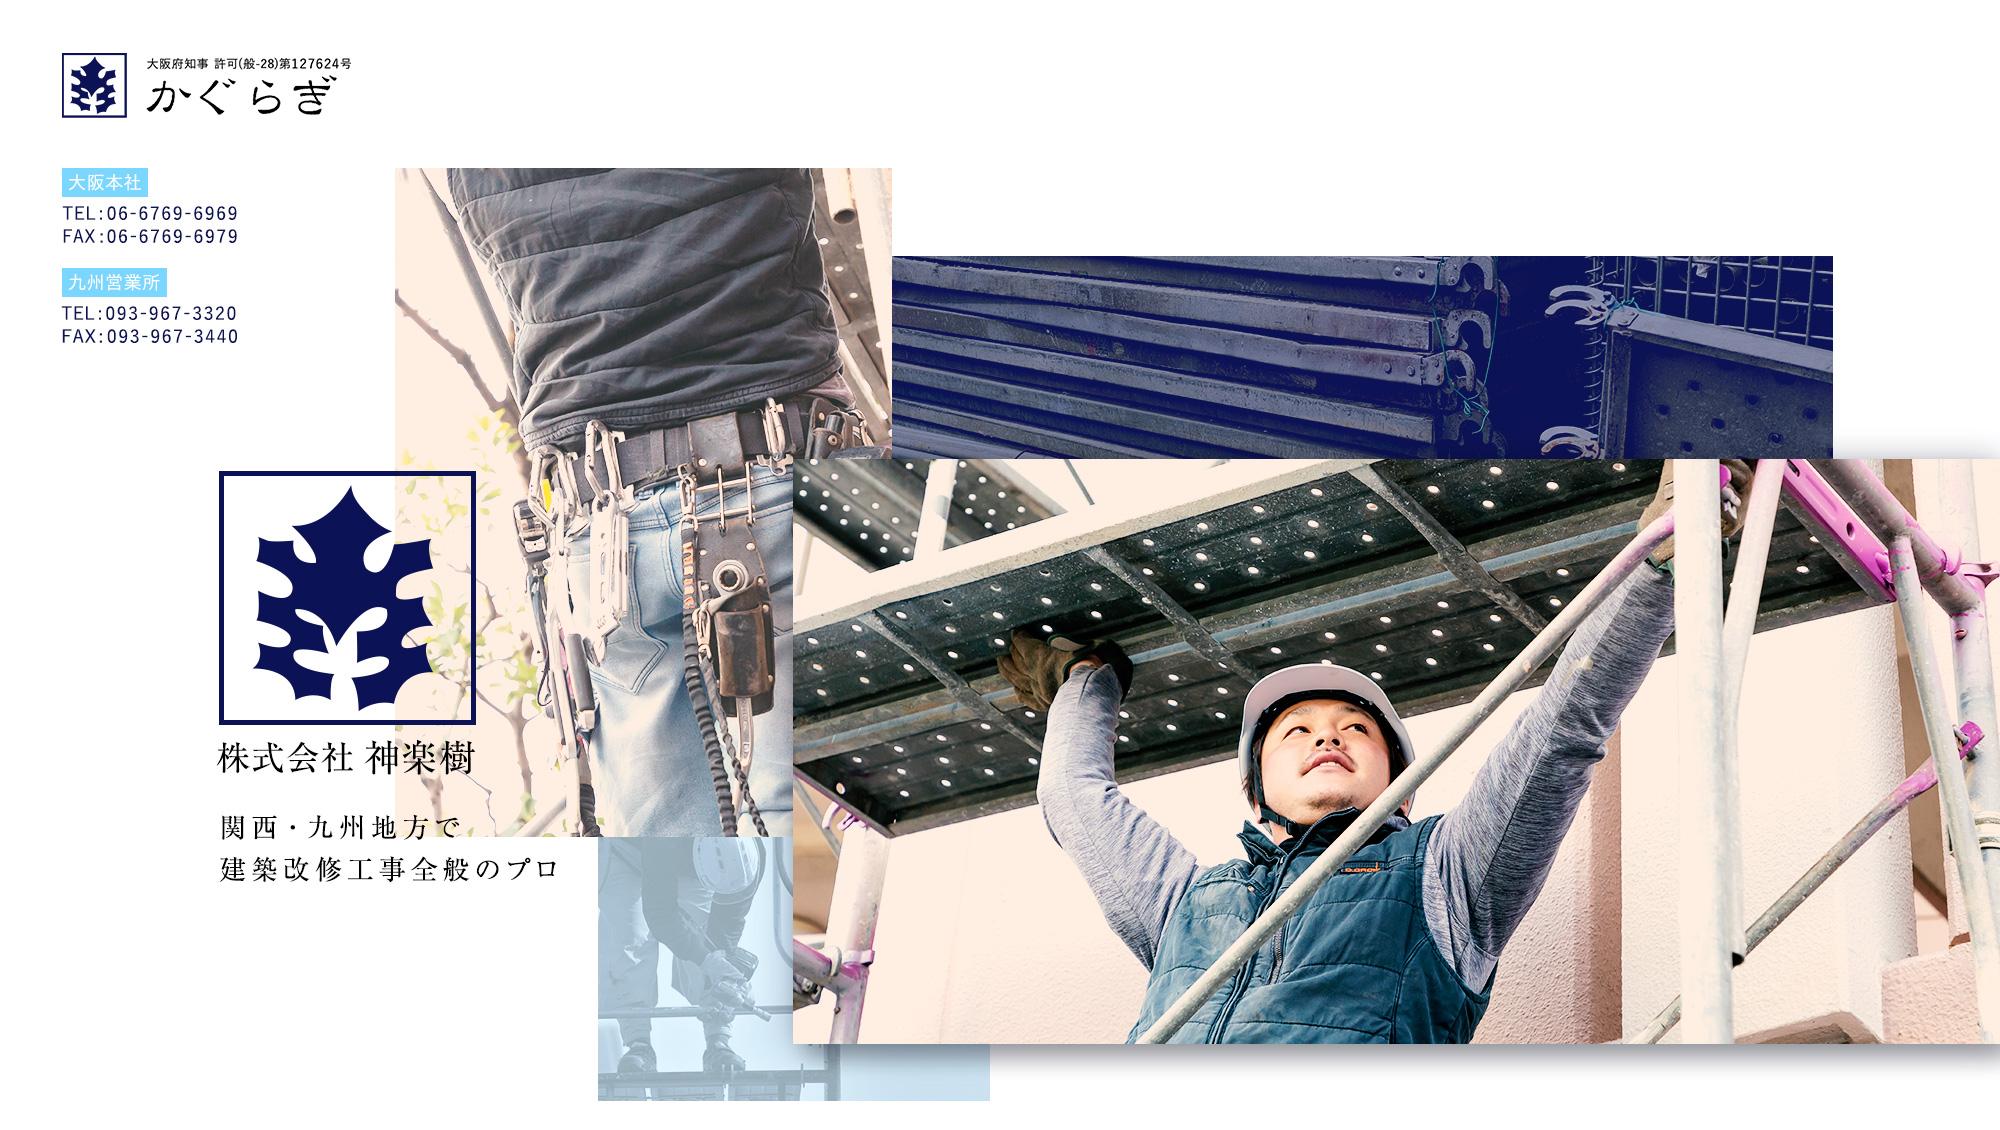 株式会社神楽樹 関西・九州地方で、建築改修工事全般のプロ